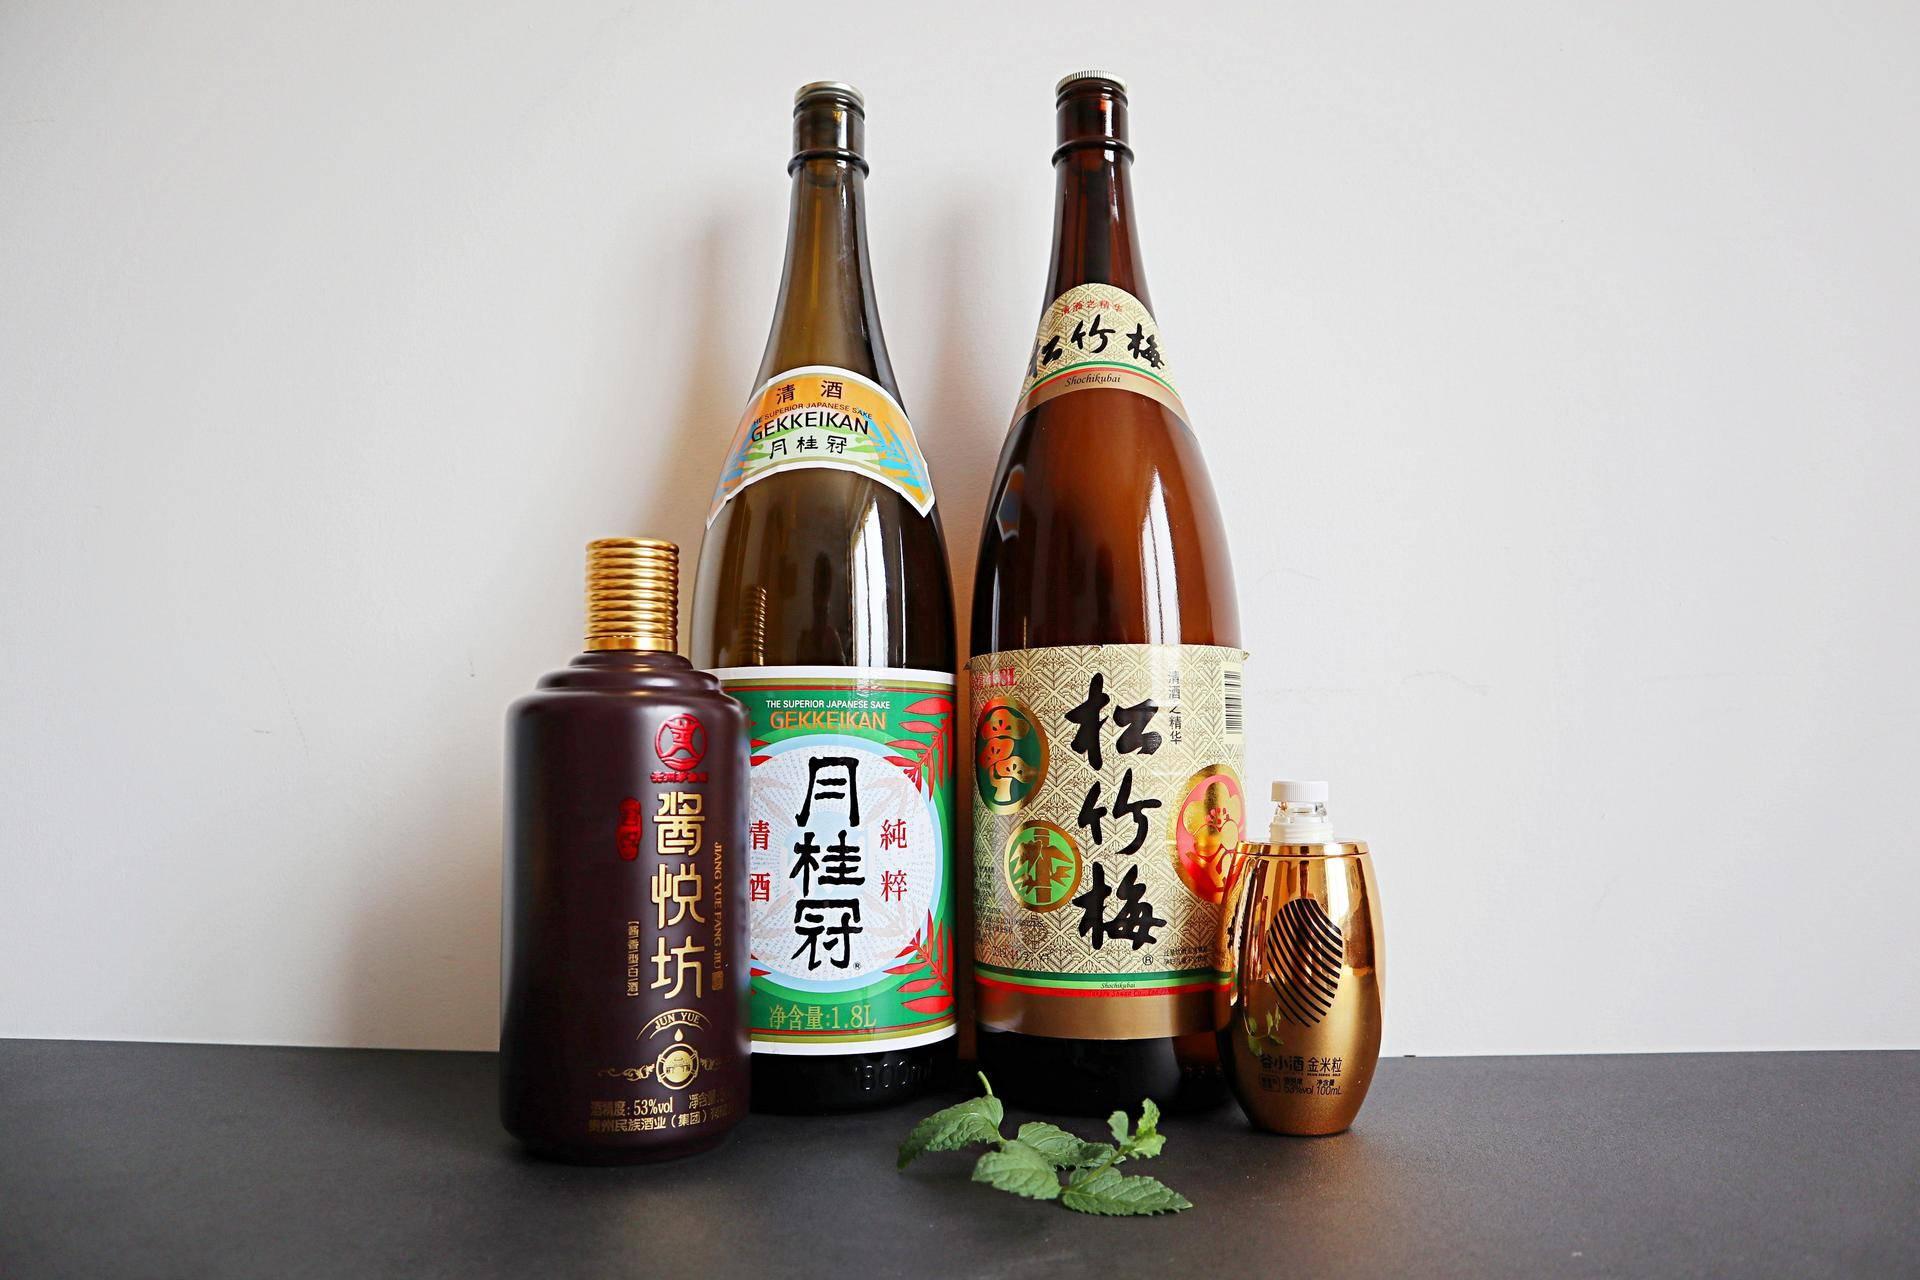 一个字,香,谷小酒金米粒酱香酒